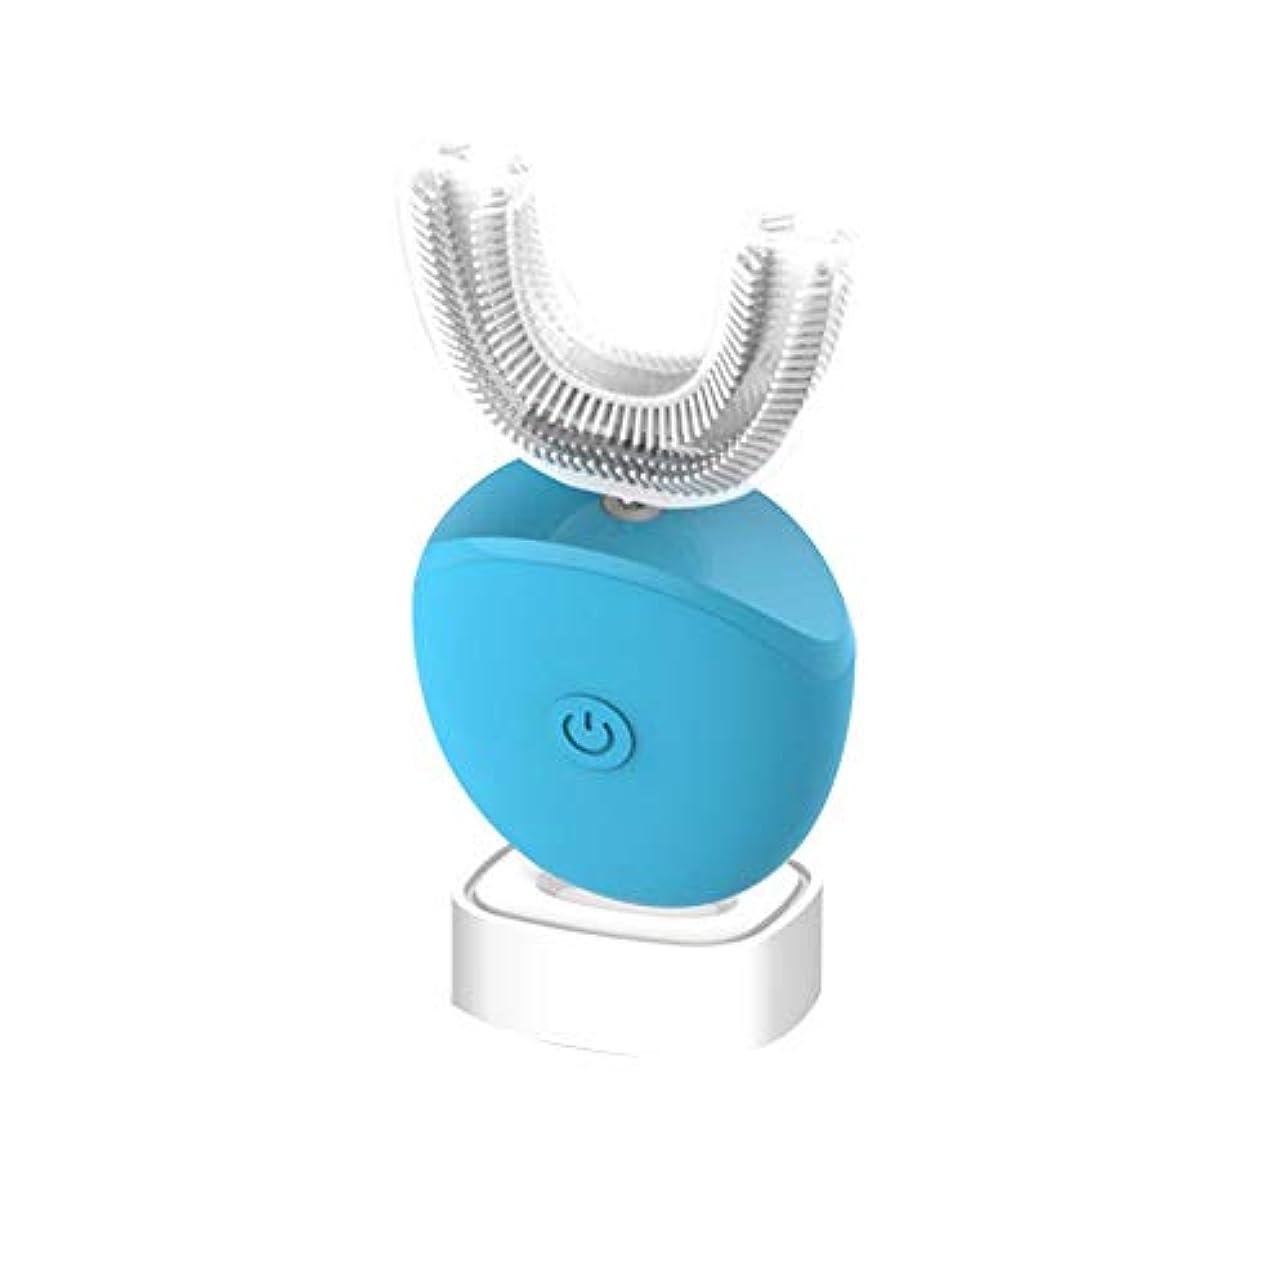 敷居カストディアン弾薬フルオートマチック可変周波数電動歯ブラシ、自動360度U字型電動歯ブラシ、ワイヤレス充電IPX7防水自動歯ブラシ(大人用),Blue